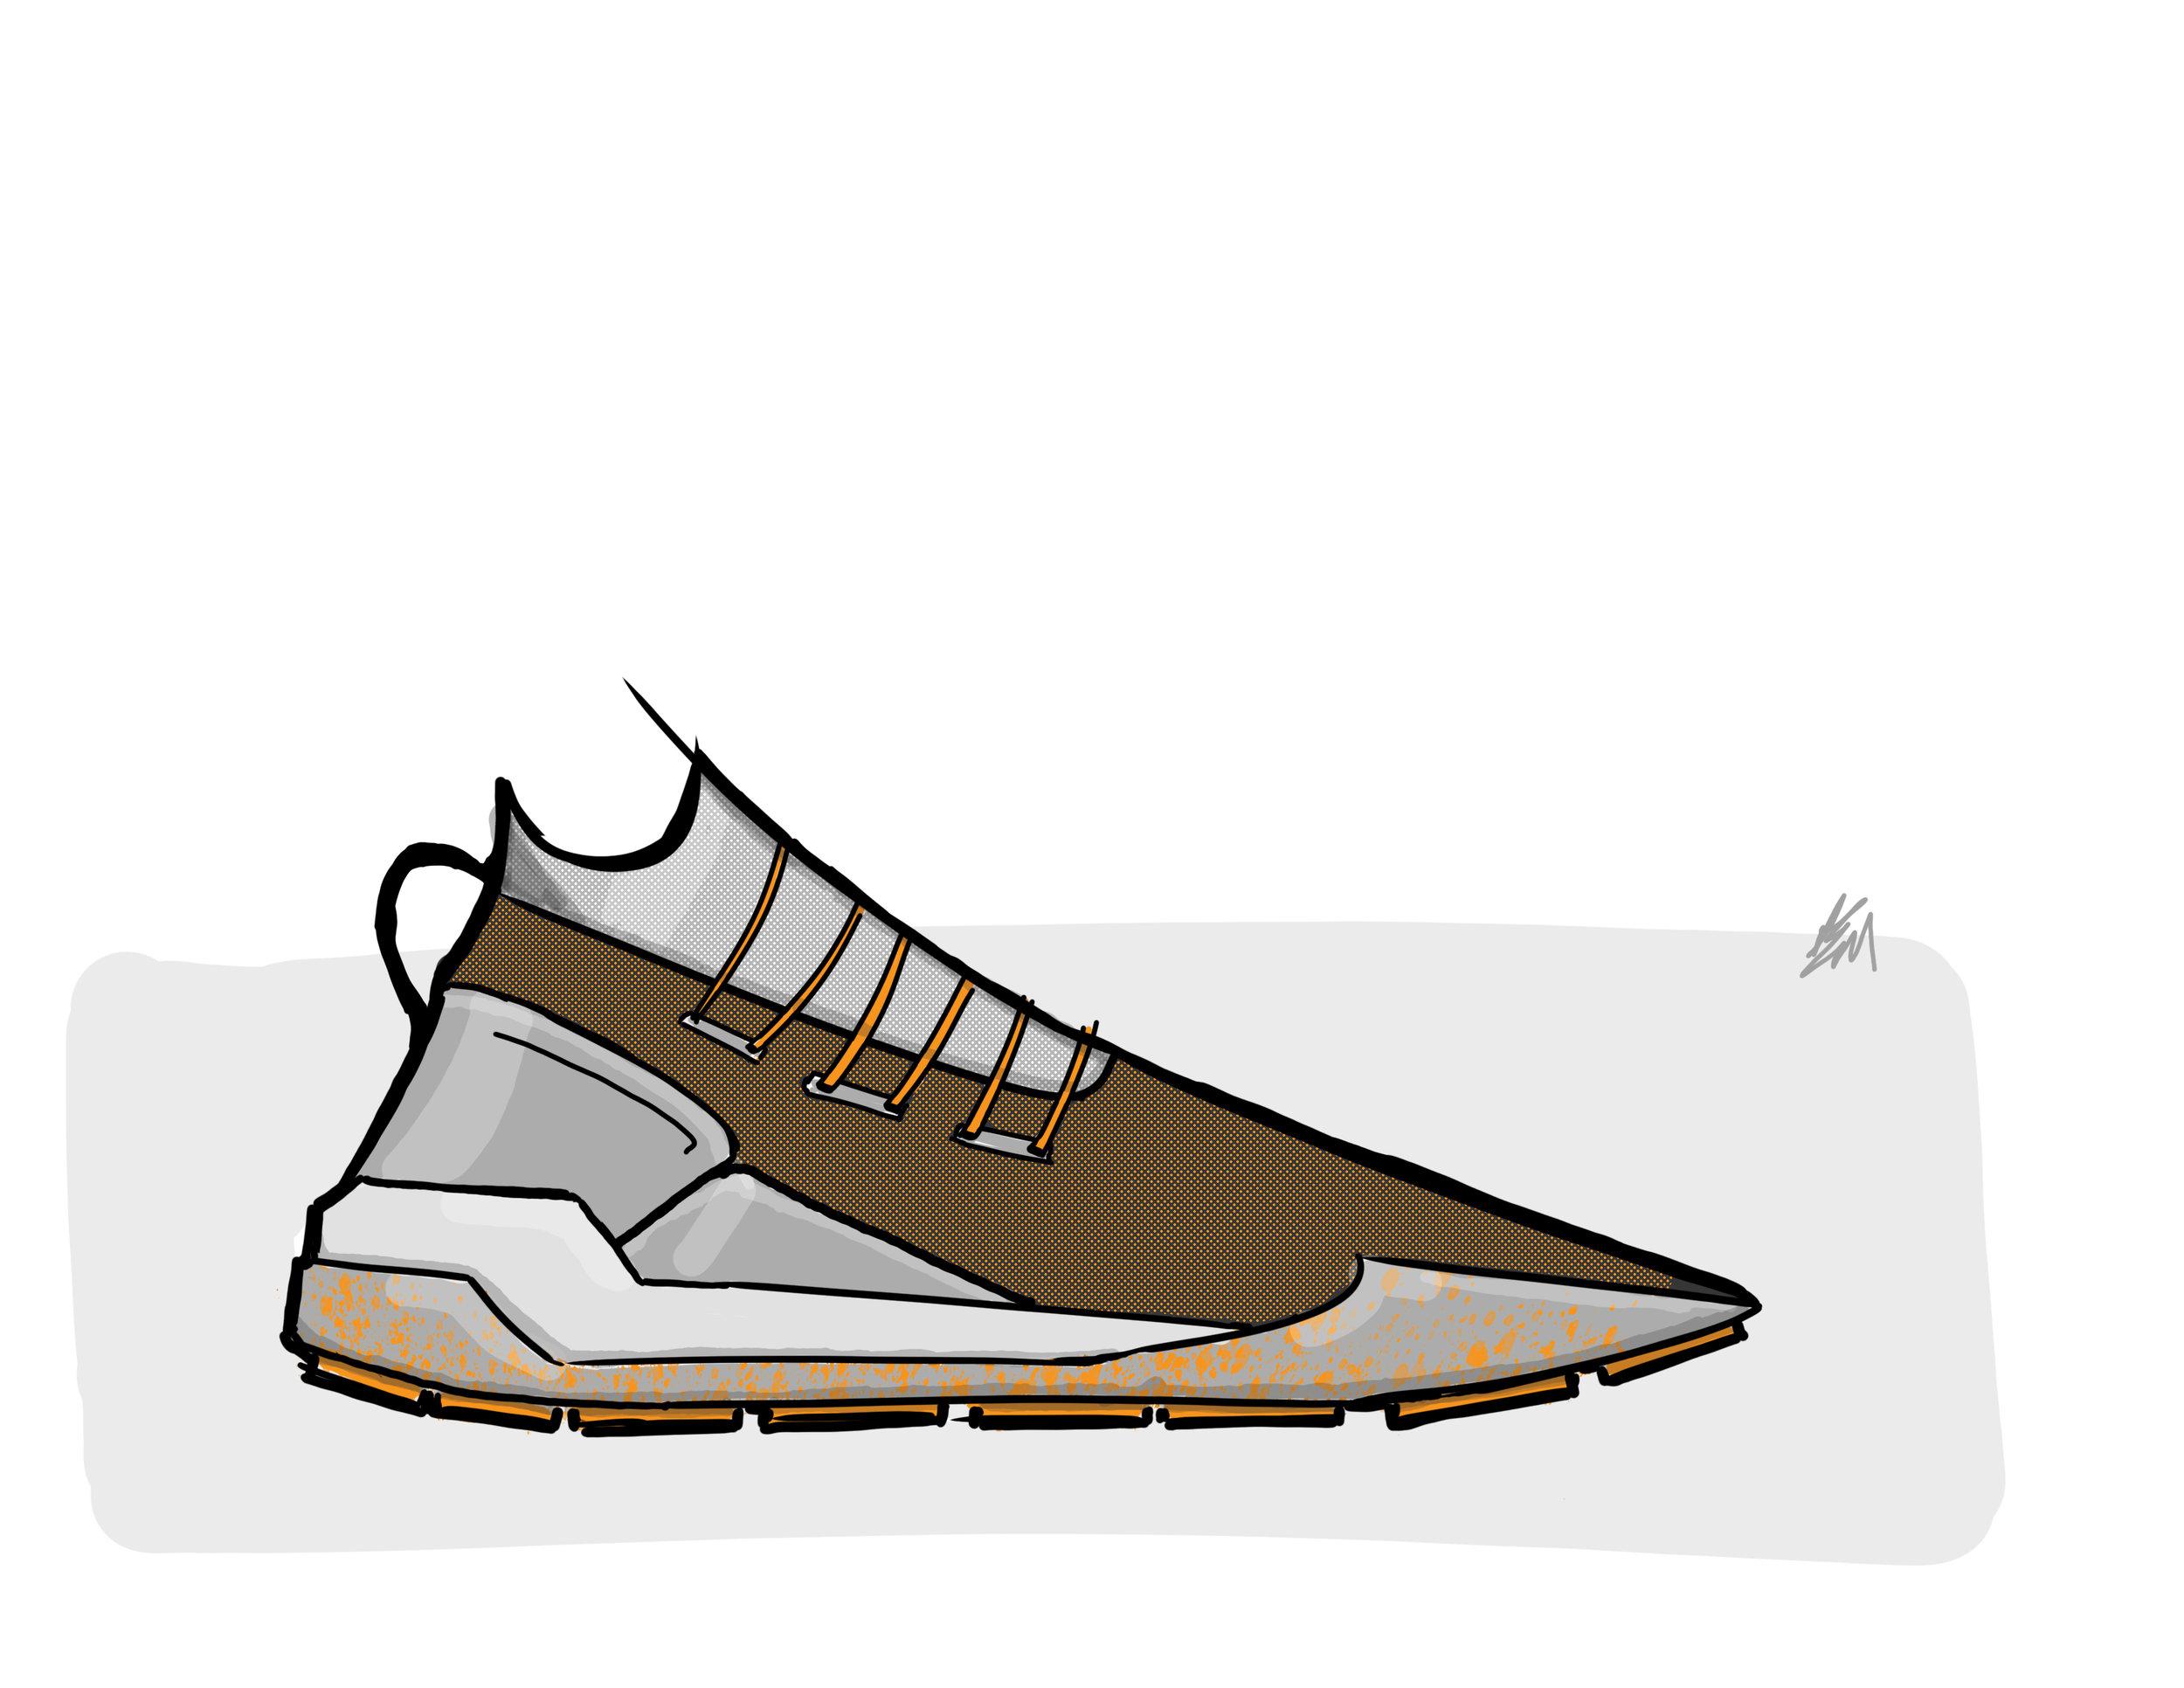 Shoe_01 (1).jpg